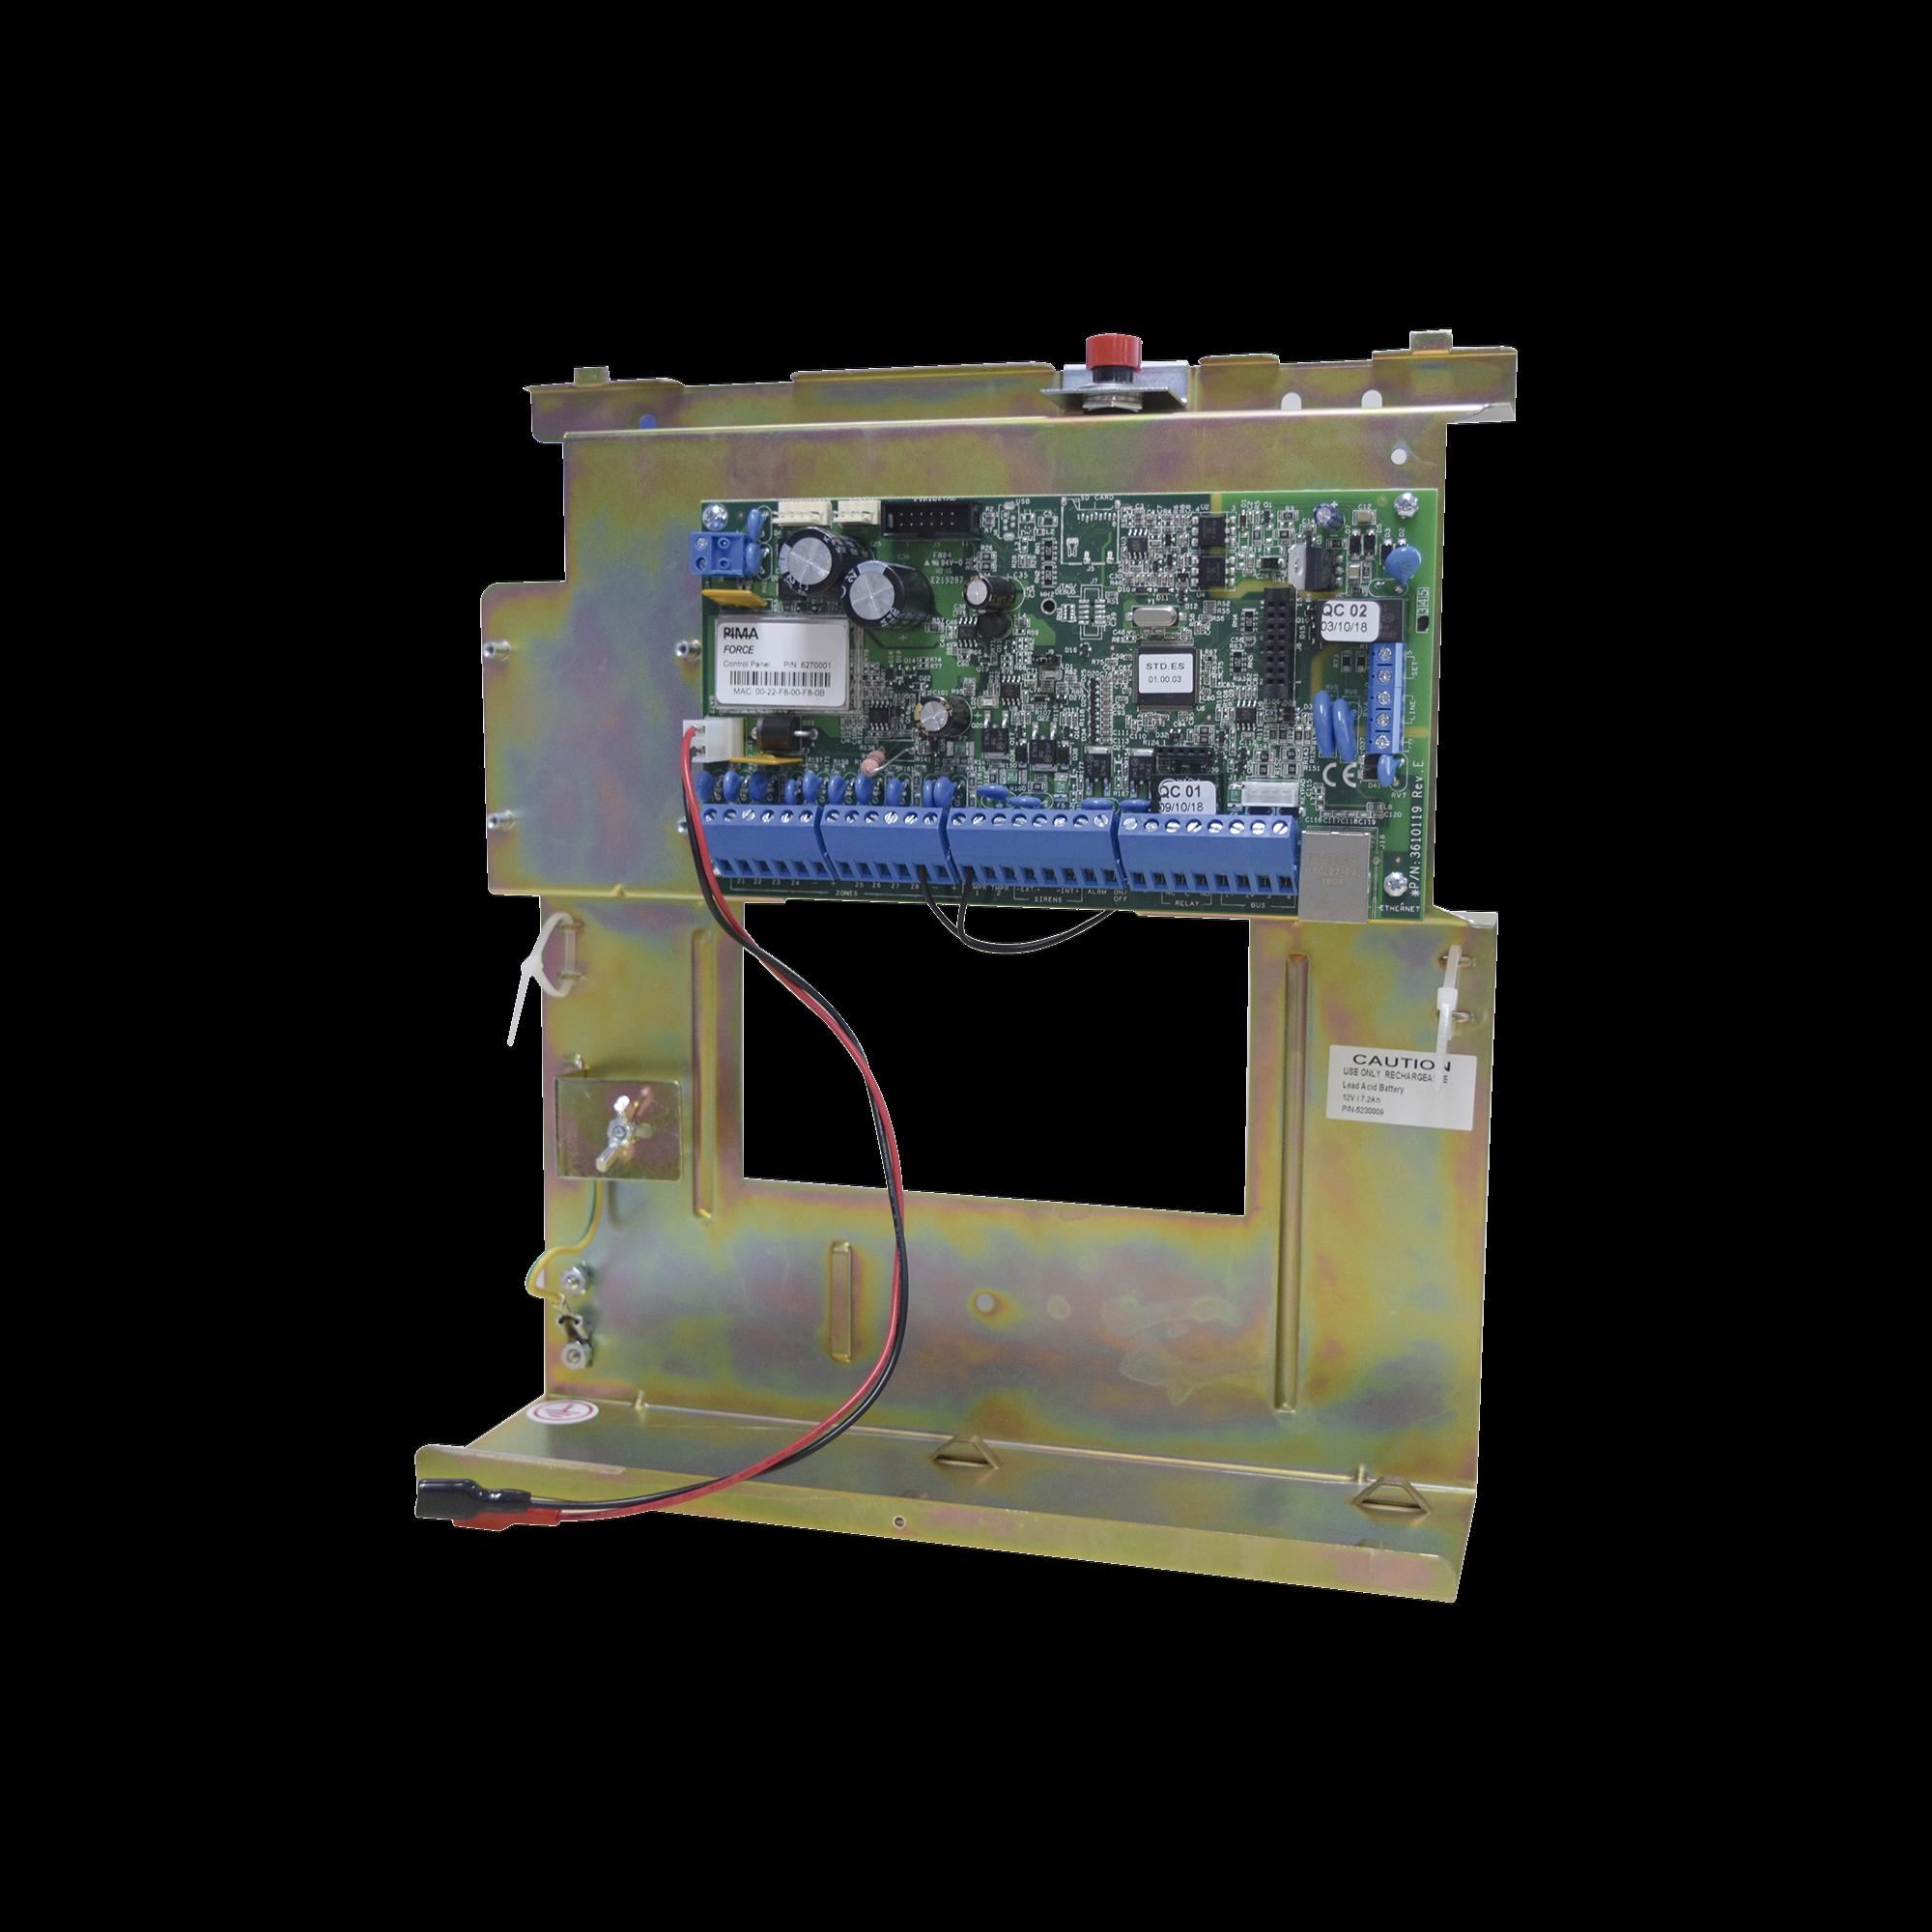 Panel de Alarma FORCE Hibrido 8 a 144 Zonas, Conexión IP en Tarjeta compatible con App PIMALINK Gratis!!, incluye Gabinete metálico con tamper